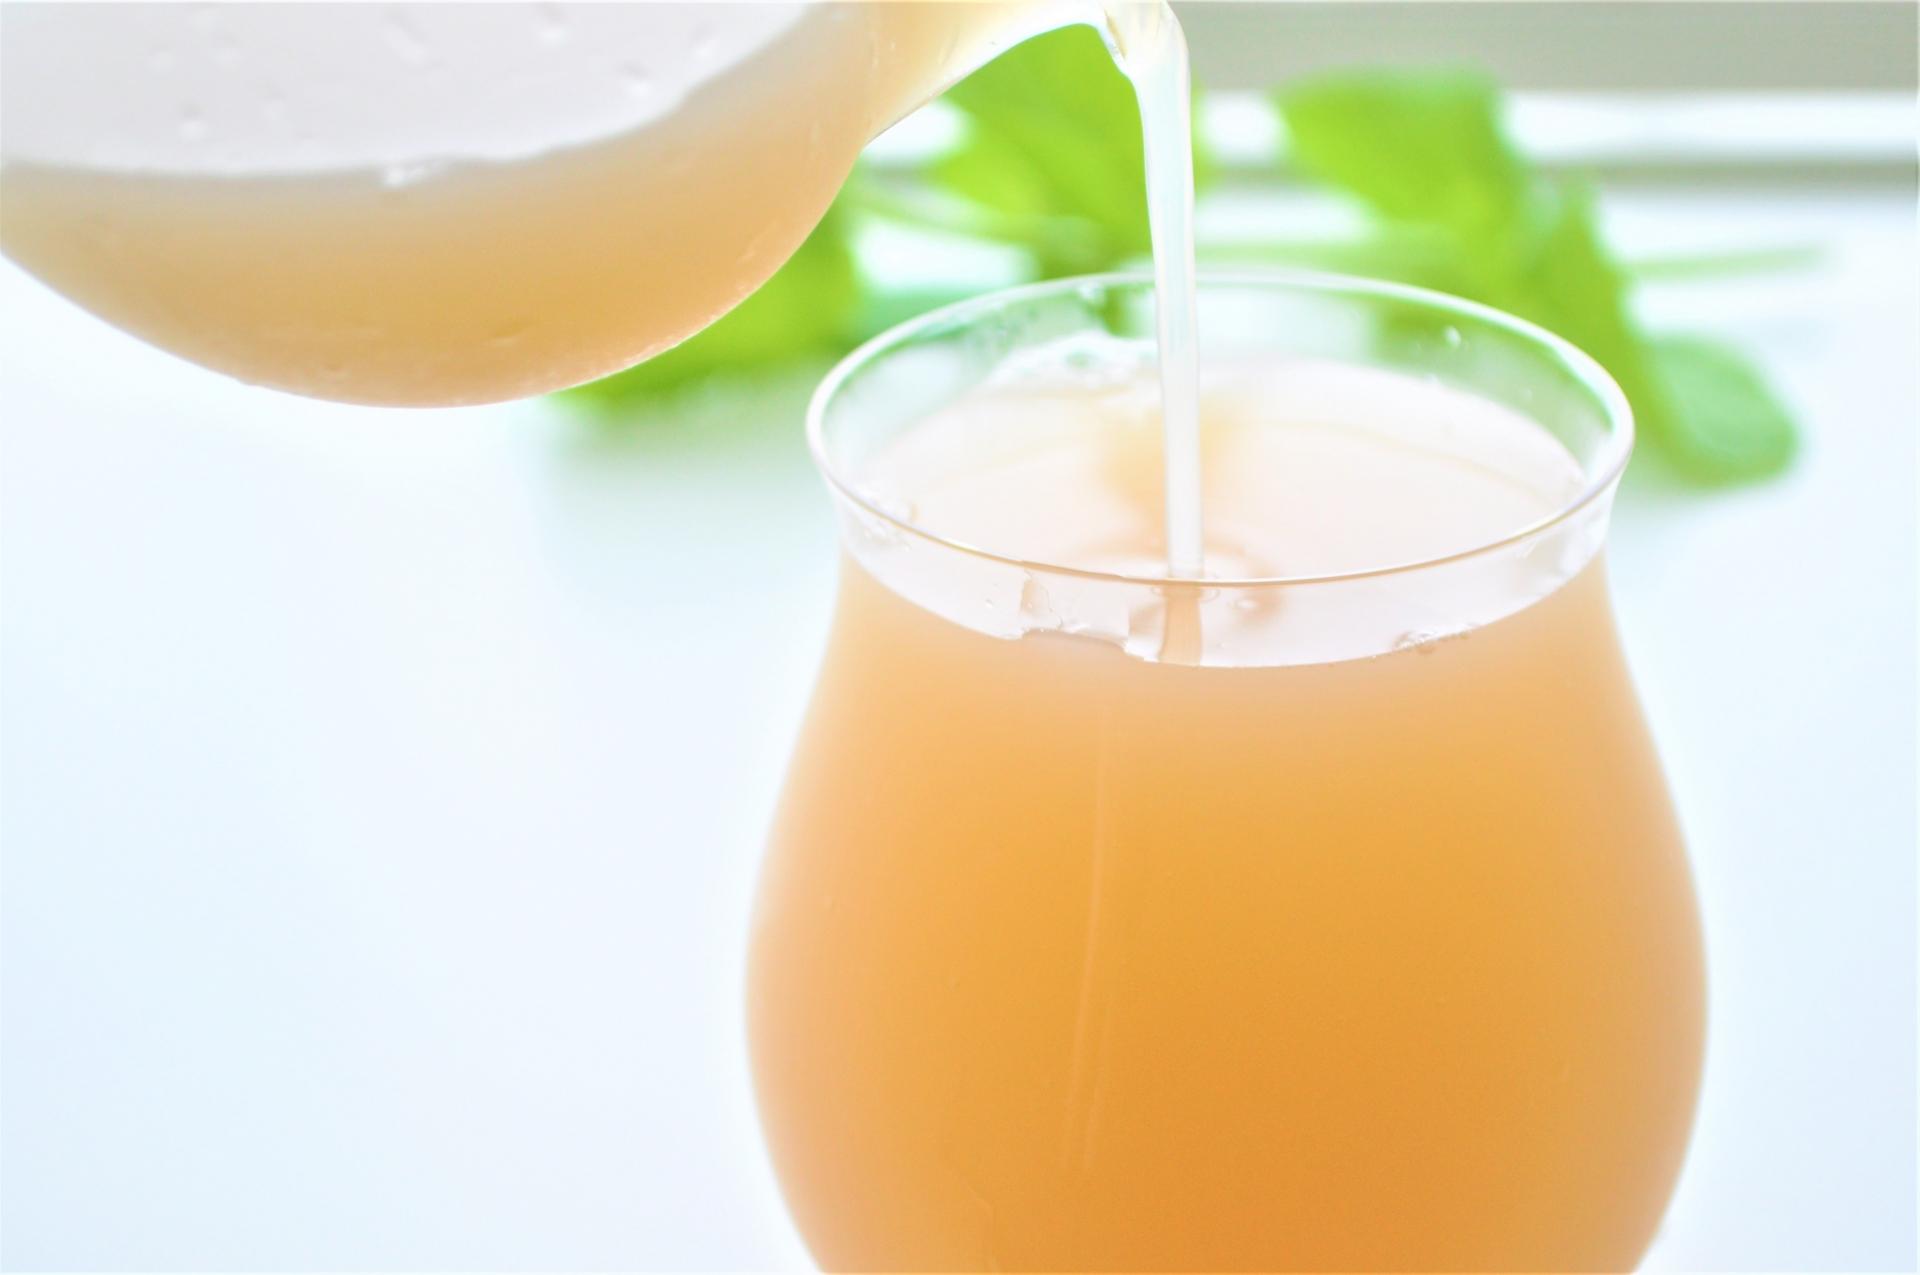 二日酔いに!グレープフルーツジュースの効果。飲み過ぎは体に悪い?夜は太る?